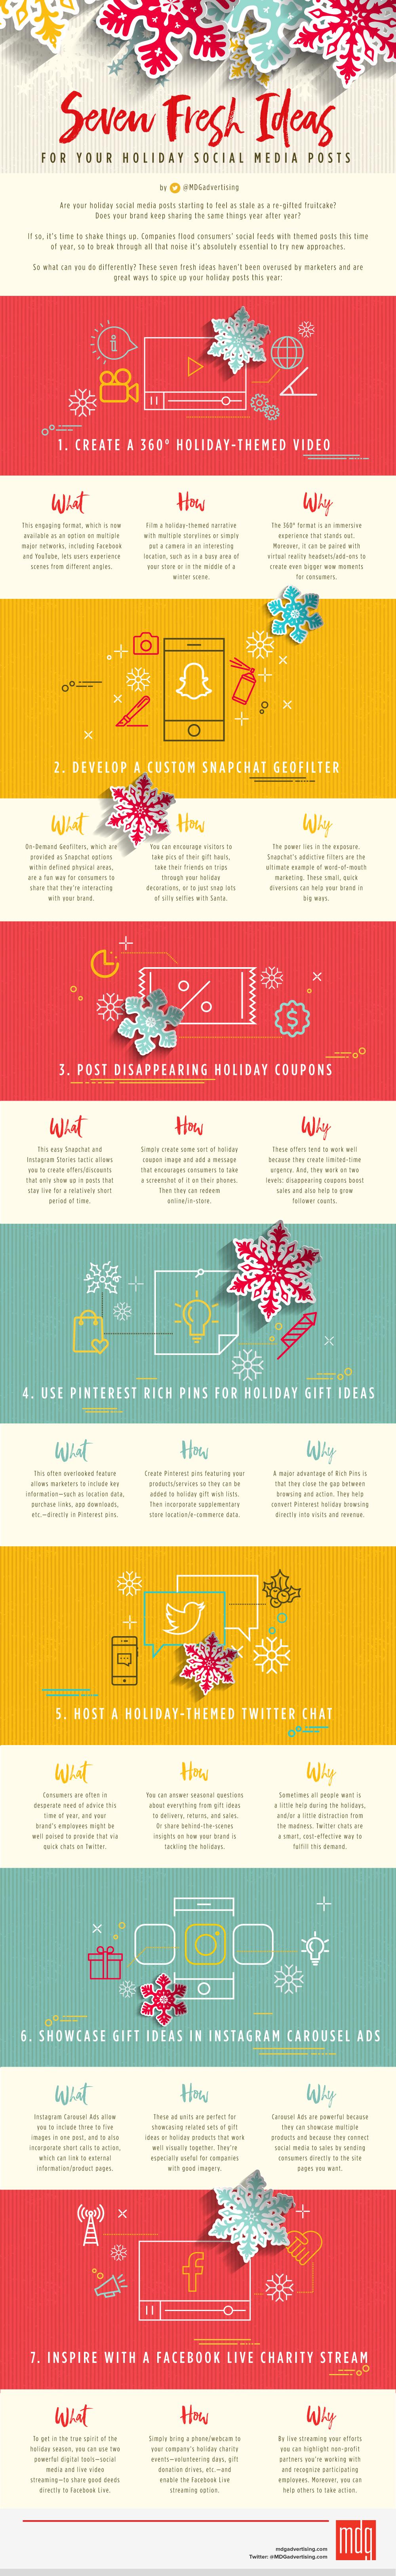 7 ideas frescas para contenido de Navidad en Redes Sociales #infografia #marketing #socialmedia